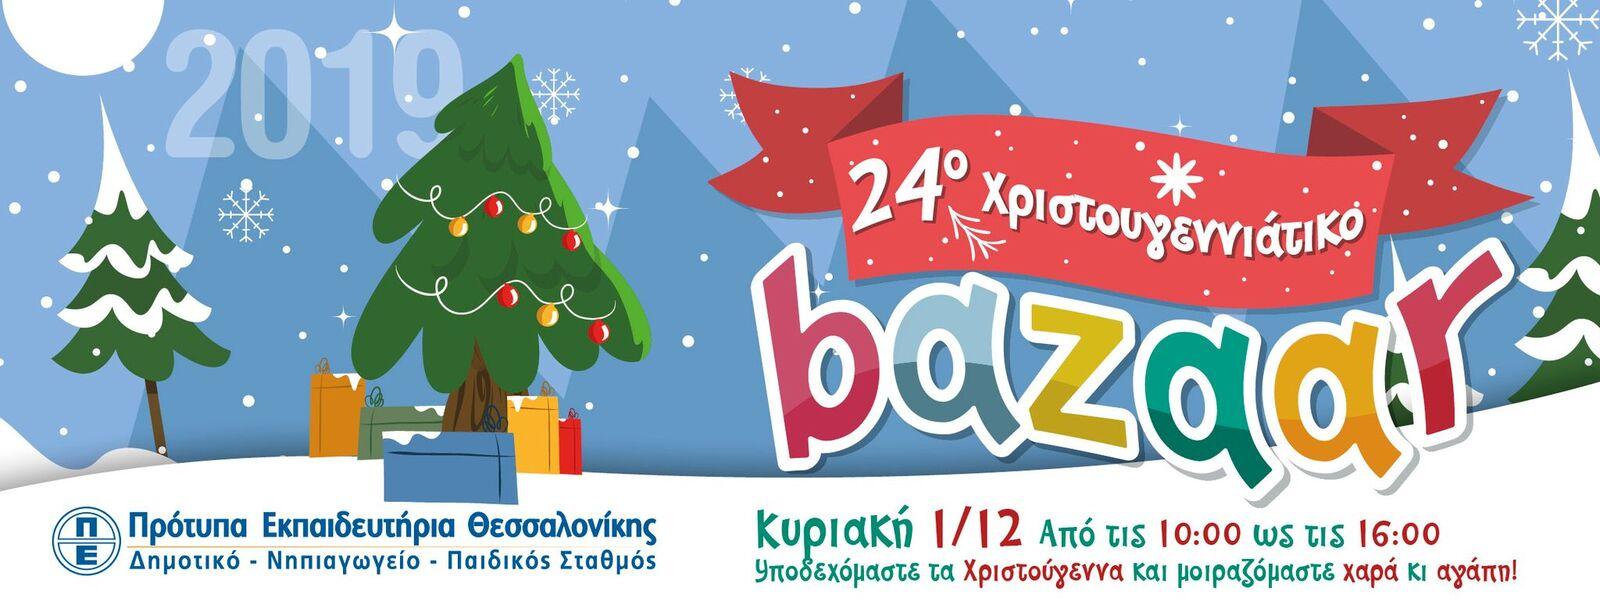 bazaar_protypa.jpeg